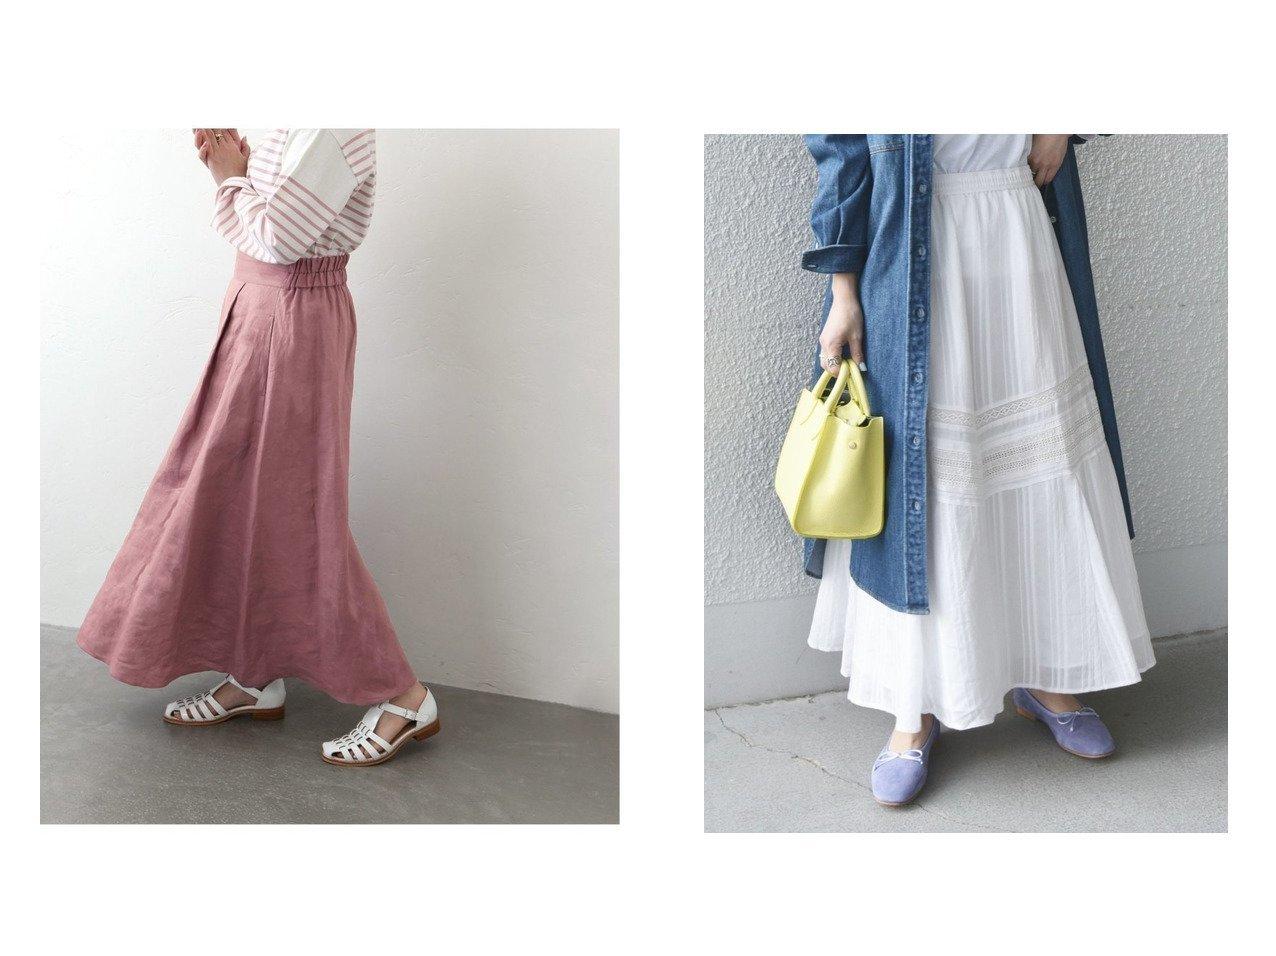 【SHIPS any/シップス エニィ】のSHIPS any ストライプパターン ギャザー スカート ウォッシャブル&【JOURNAL STANDARD/ジャーナルスタンダード】のフレンチリネンスカート 【スカート】おすすめ!人気、トレンド・レディースファッションの通販 おすすめで人気の流行・トレンド、ファッションの通販商品 メンズファッション・キッズファッション・インテリア・家具・レディースファッション・服の通販 founy(ファニー) https://founy.com/ ファッション Fashion レディースファッション WOMEN スカート Skirt ロングスカート Long Skirt S/S・春夏 SS・Spring/Summer おすすめ Recommend ウォッシャブル ギャザー スウェット ストライプ デニム パターン フェミニン フレア ミックス リラックス レース ロング 春 Spring 洗える NEW・新作・新着・新入荷 New Arrivals 2021年 2021 2021春夏・S/S SS/Spring/Summer/2021 リネン |ID:crp329100000029607